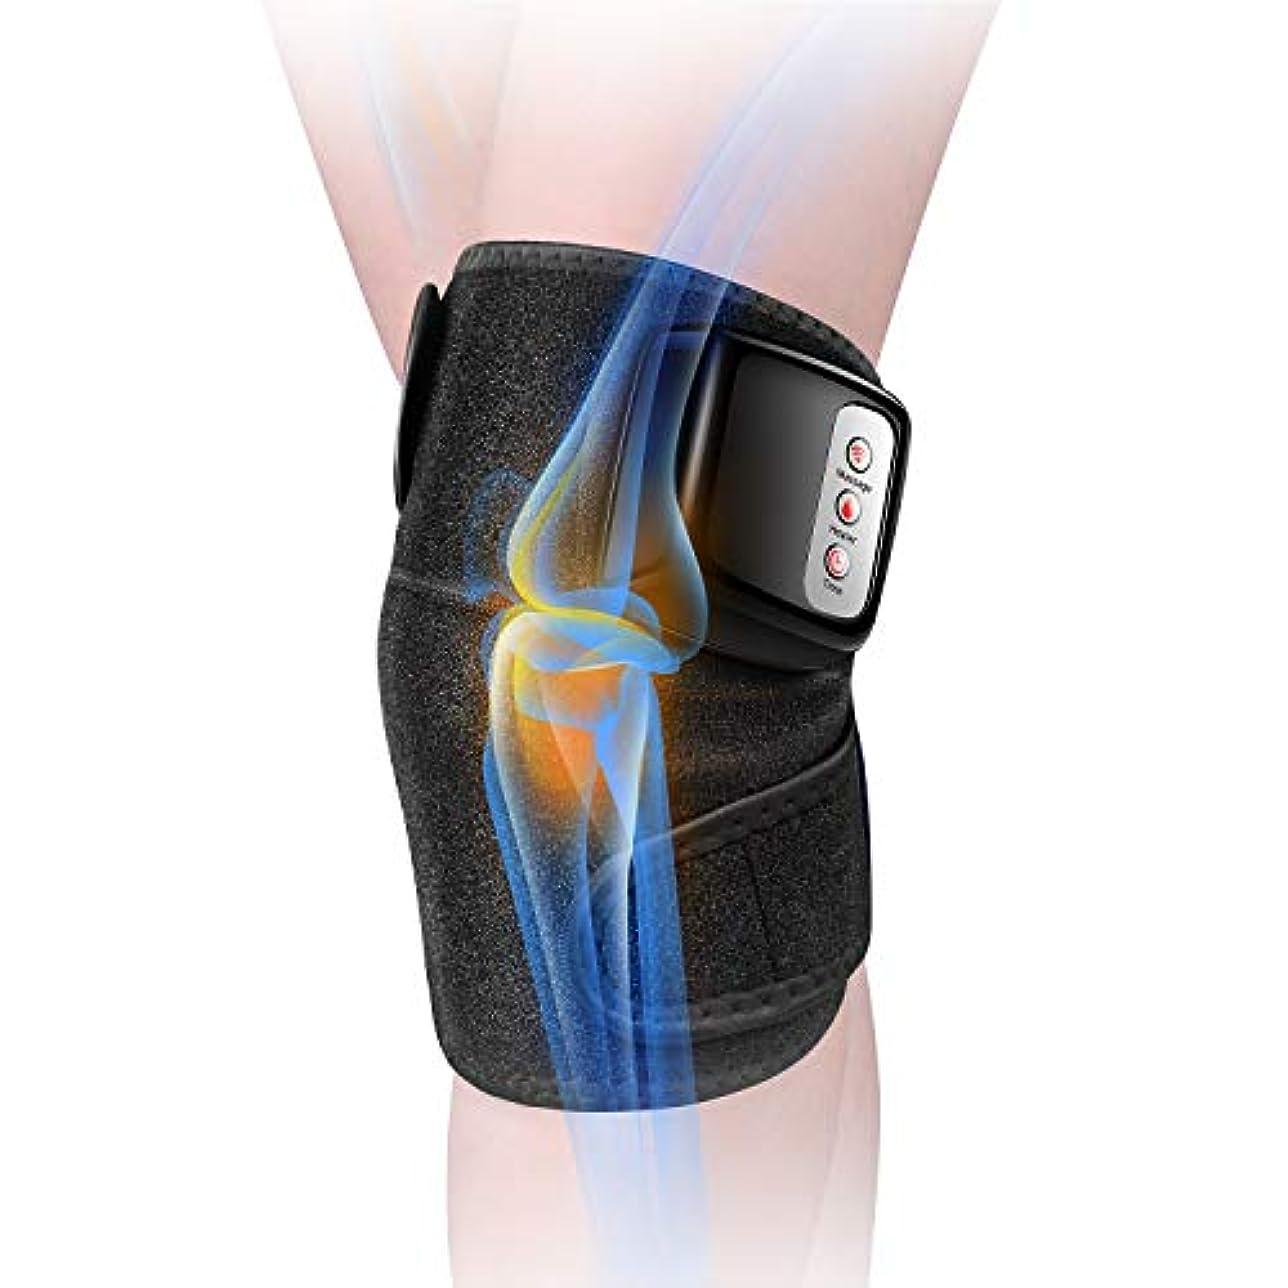 前方へ終わり動員する膝マッサージャー 関節マッサージャー マッサージ器 フットマッサージャー 振動 赤外線療法 温熱療法 膝サポーター ストレス解消 肩 太もも/腕対応